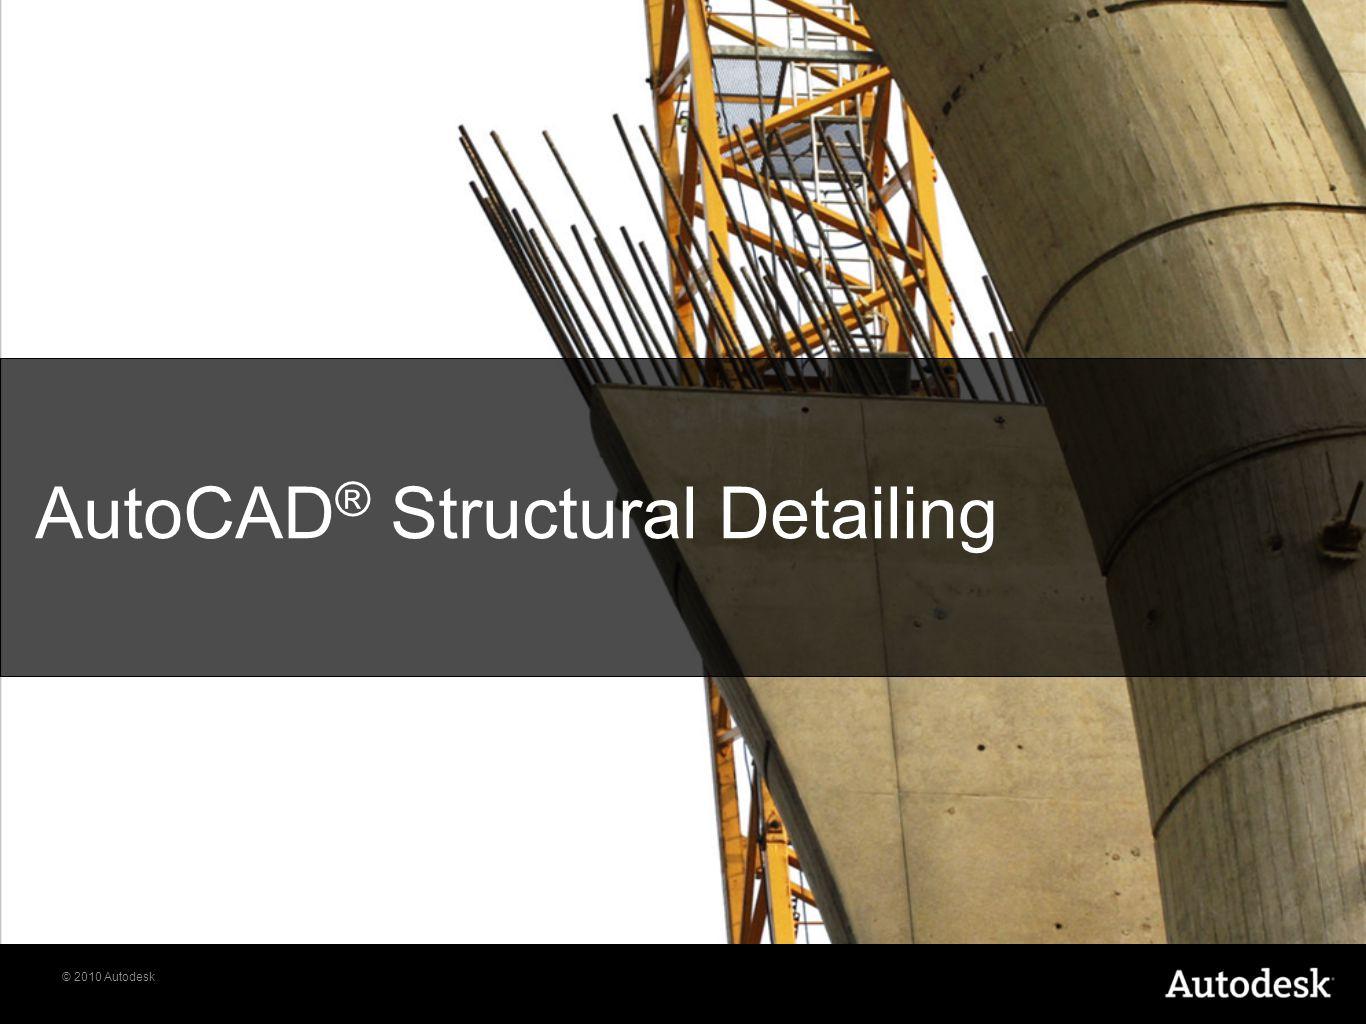 © 2010 Autodesk AutoCAD ® Structural Detailing